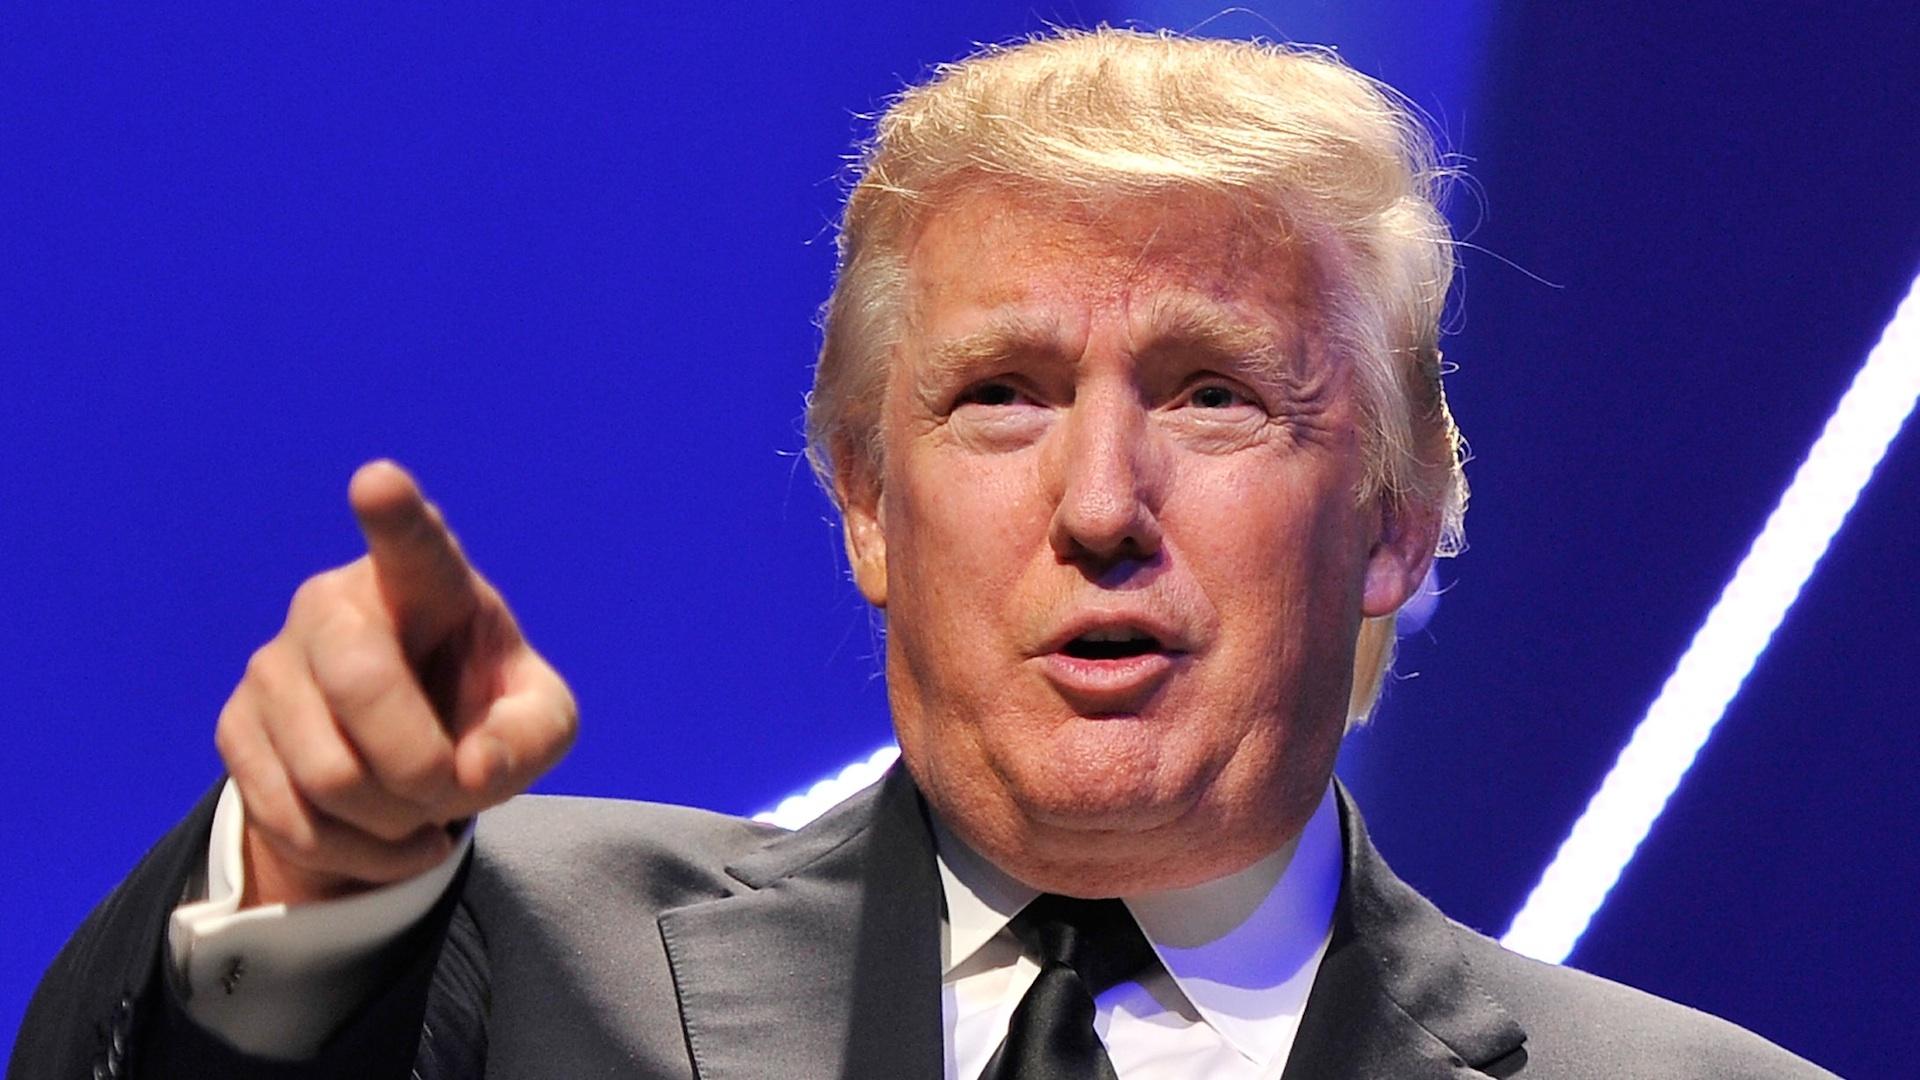 Donald Trump Wallpapers - WallpaperSafari